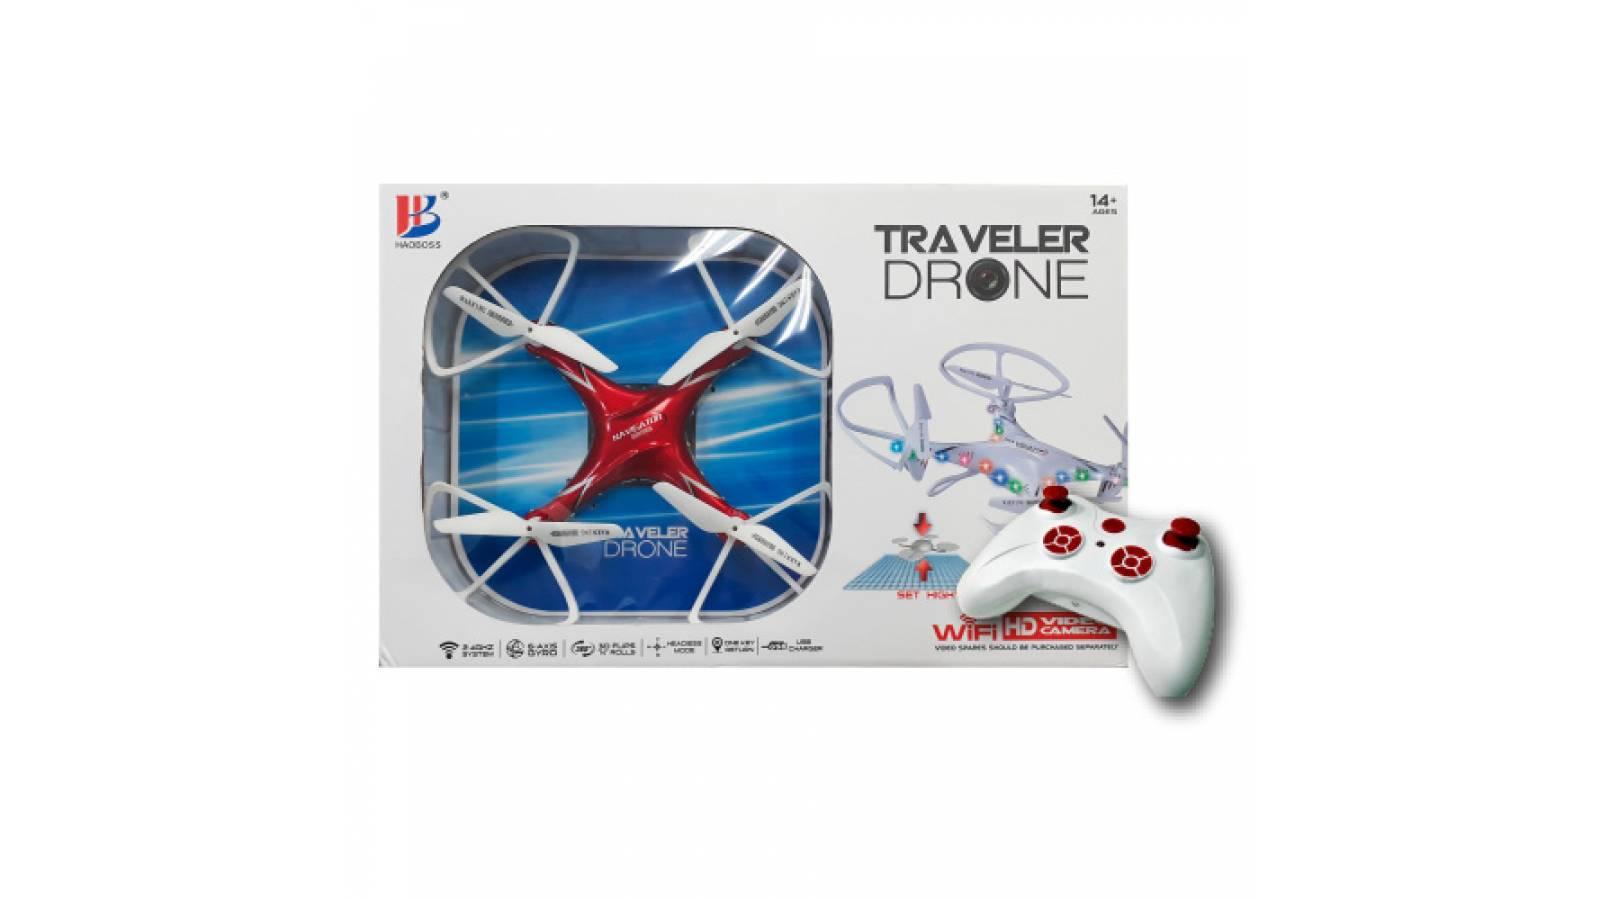 DRONE 2.4GHZ CON CAMARA LUZ Y CONTROL REMOTO